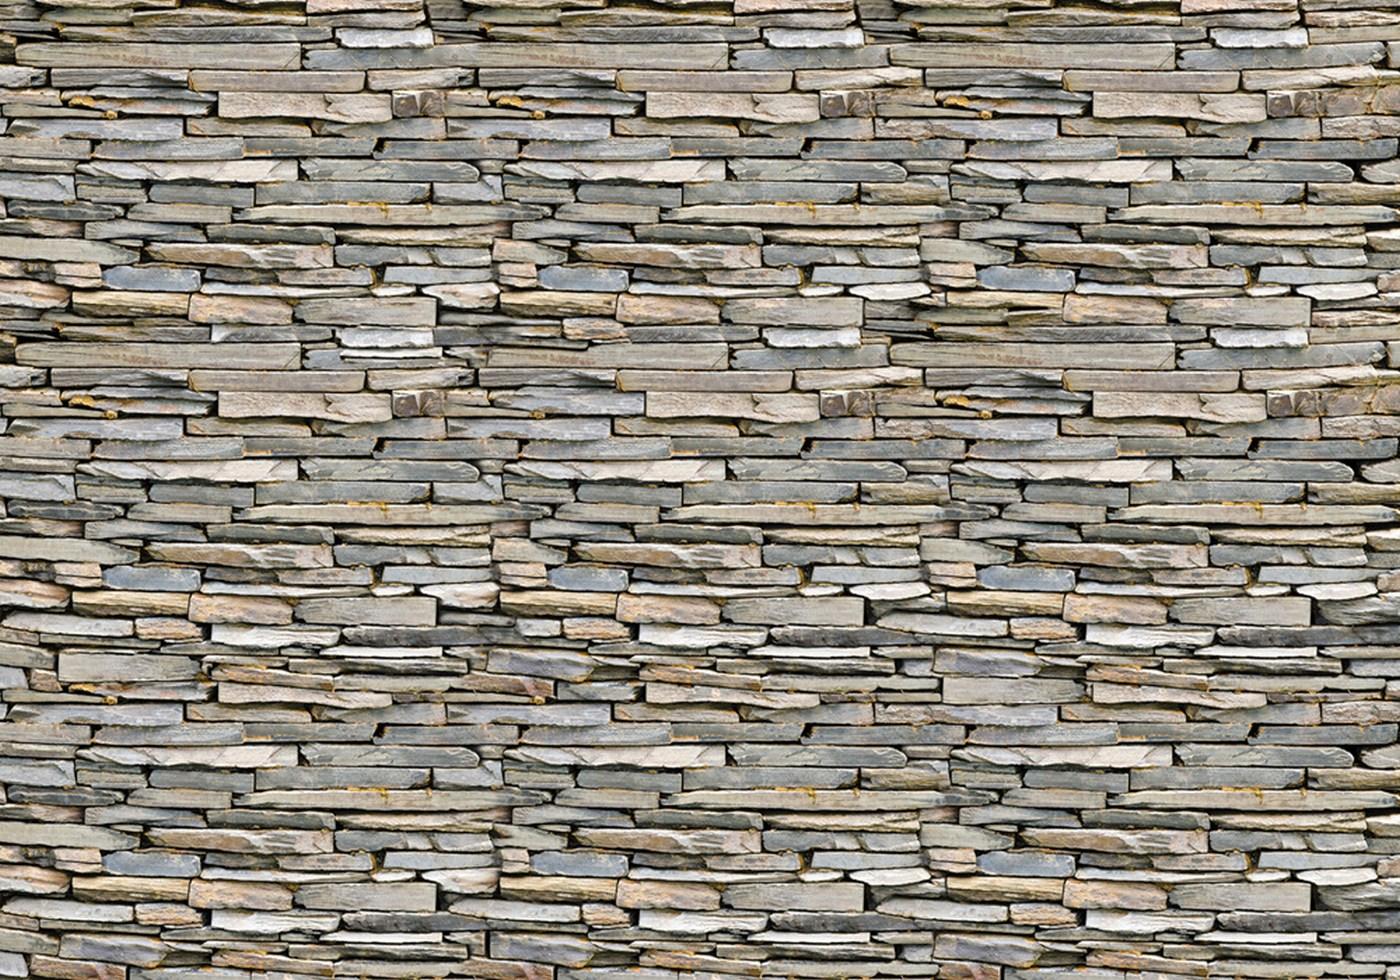 kiss fototapeten zu besten preisen fototapete no 1057 steinwand tapete steinmauer. Black Bedroom Furniture Sets. Home Design Ideas